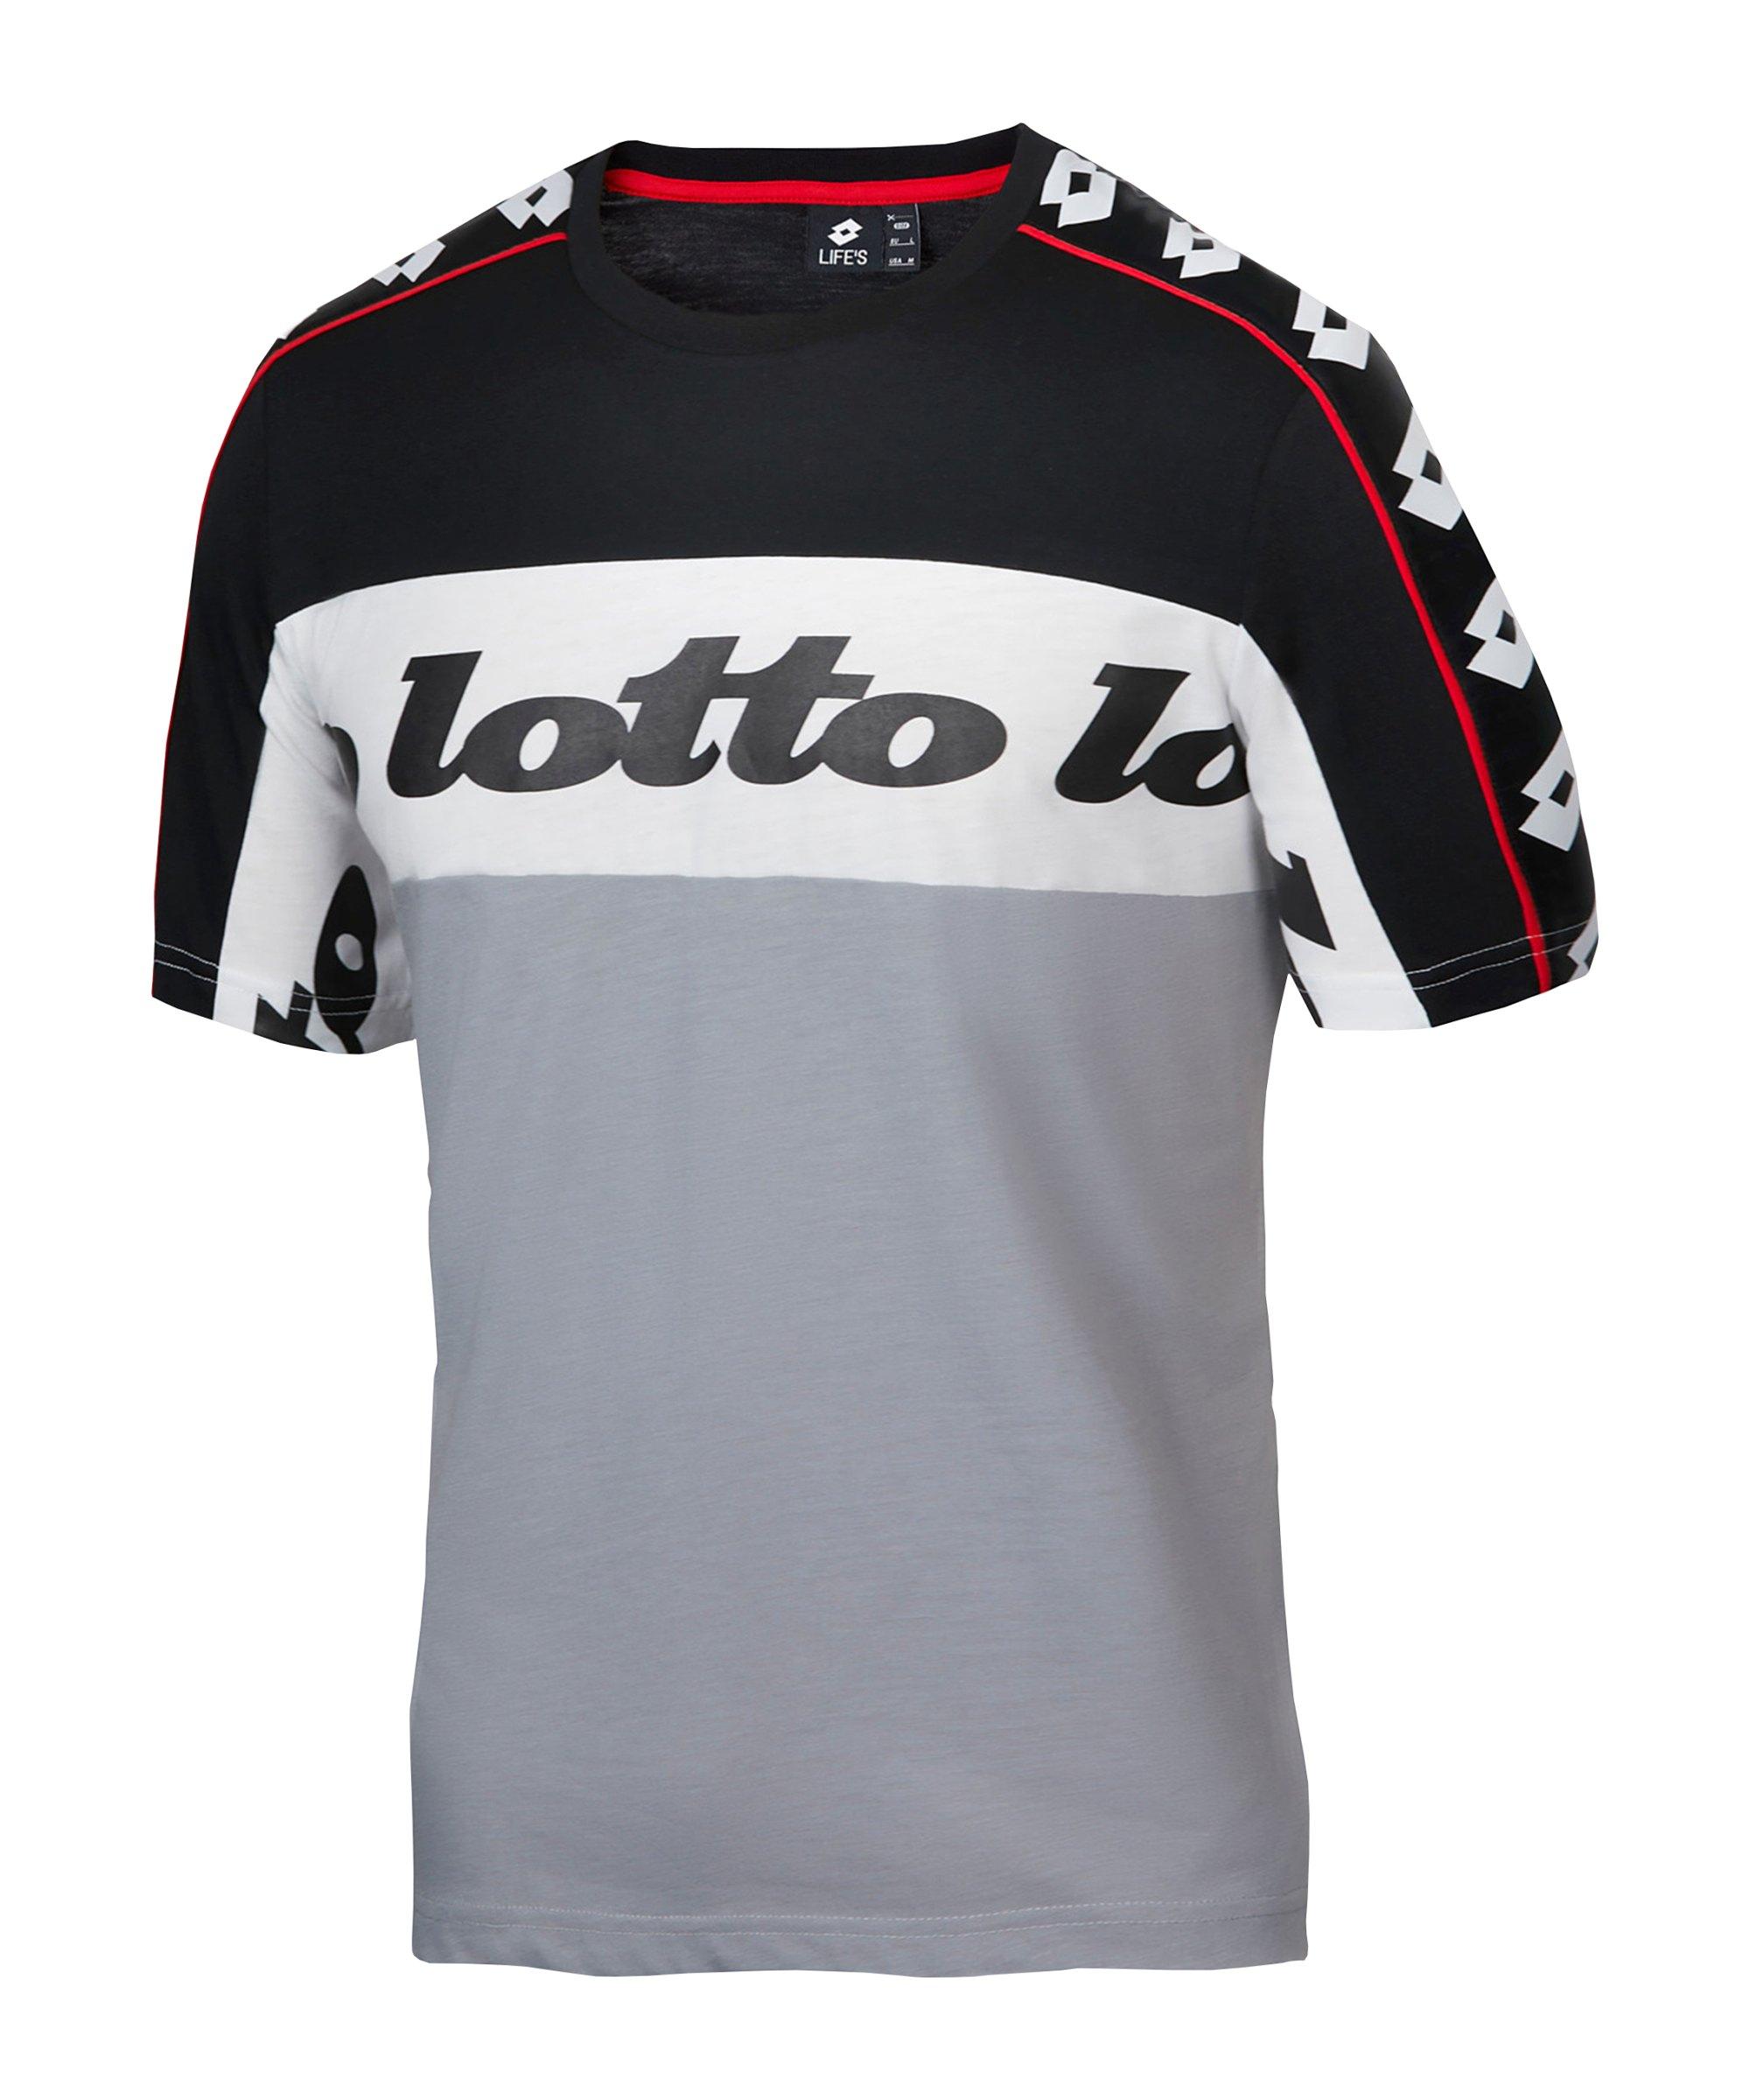 Lotto Athletica Prime II T-Shirt Grau Schwarz F6U2 - grau